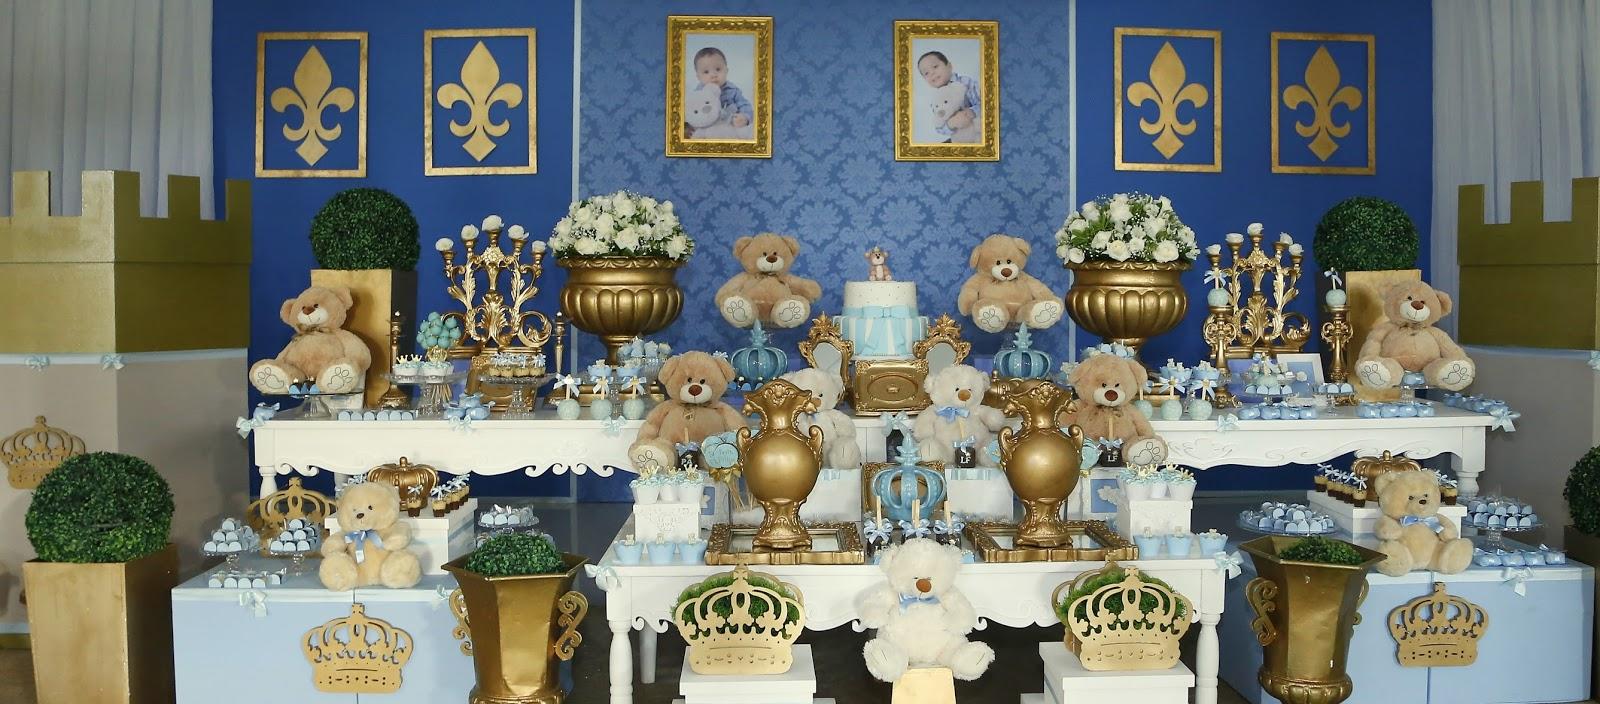 festa jardim dos ursos:Festa Provençal – Site Oficial: Festa Urso Príncipe!